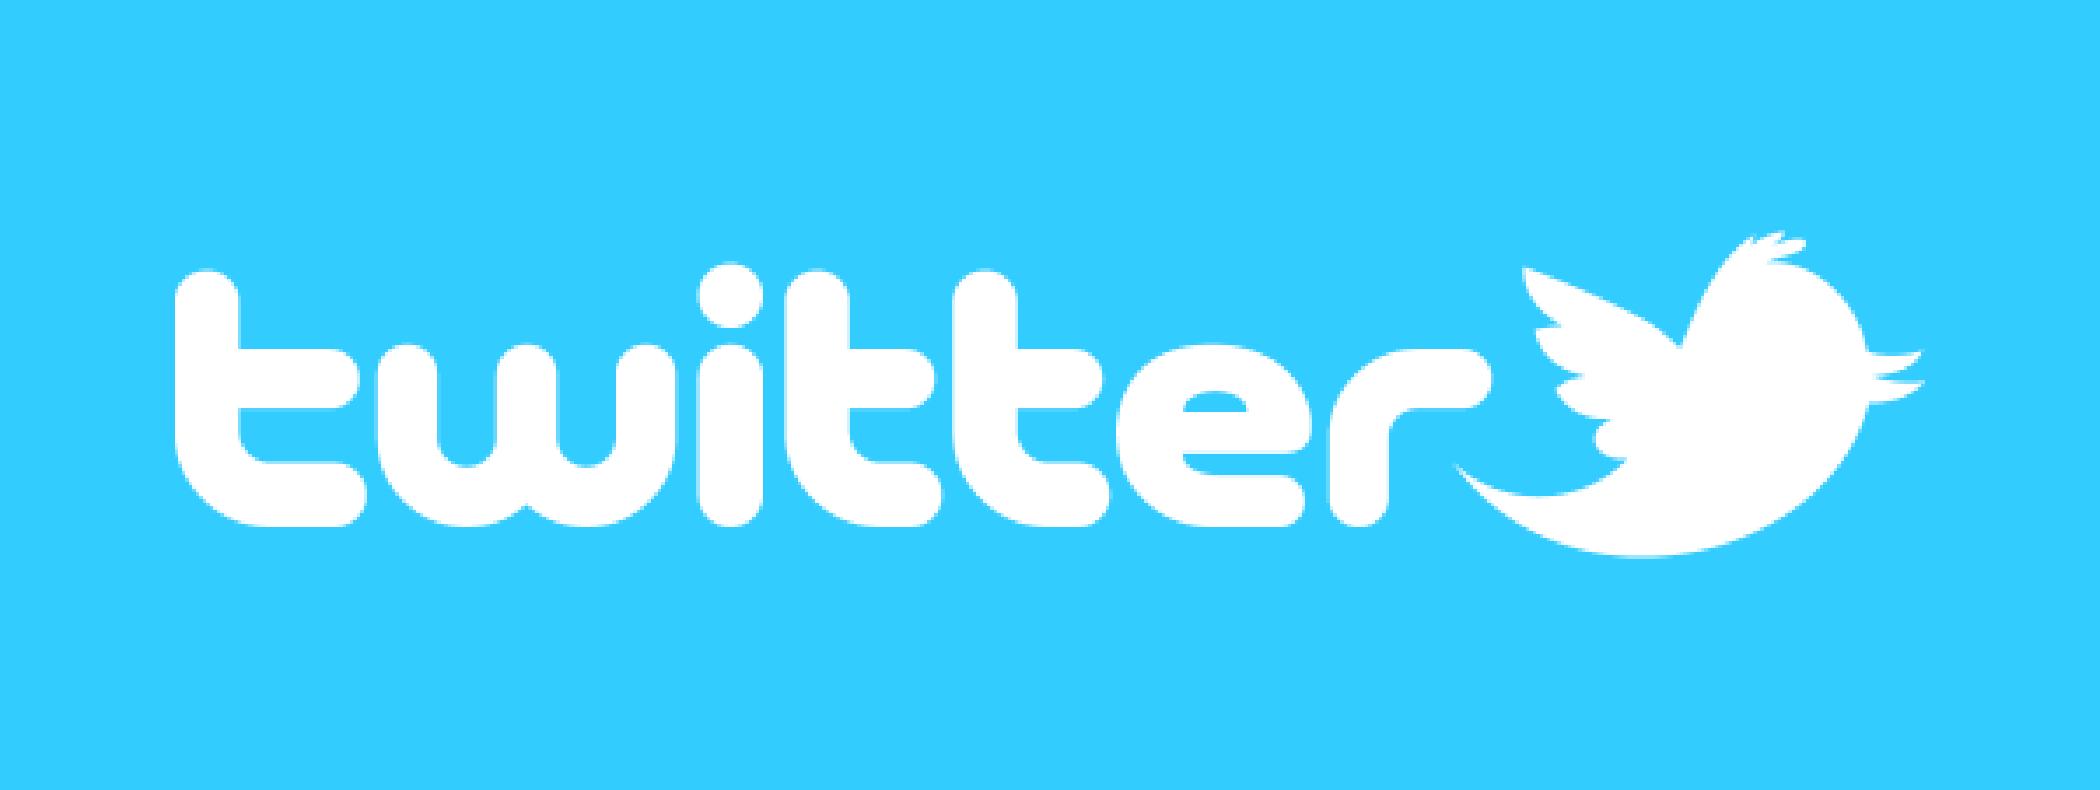 Chasseur de Livres Twitter